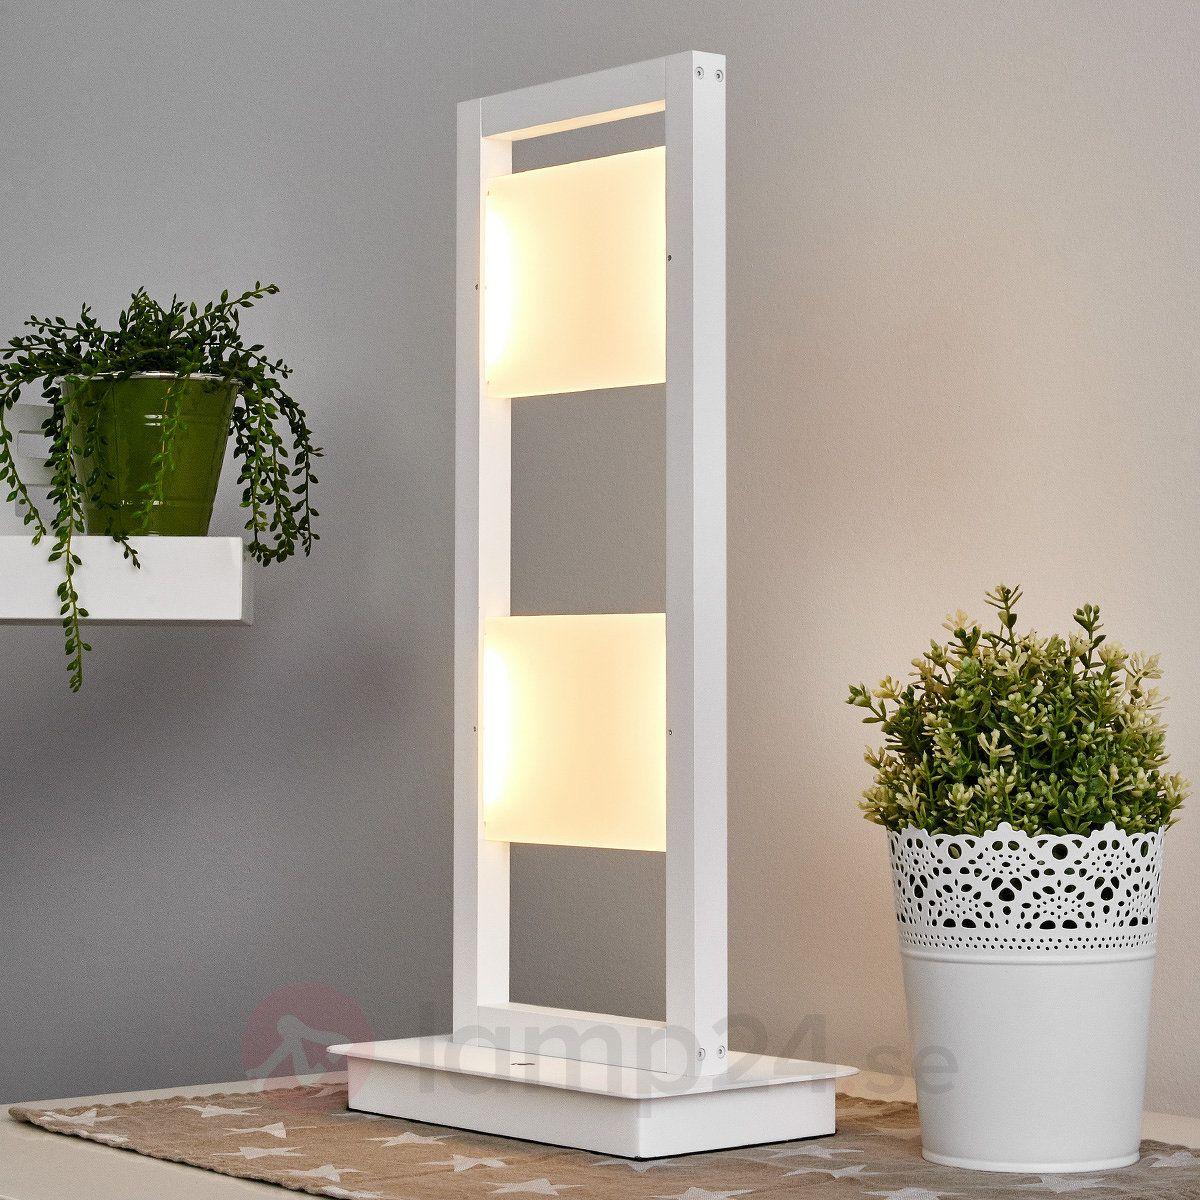 Modern Led Bordslampa Idéer För Heminredning Bordslampa Lampor